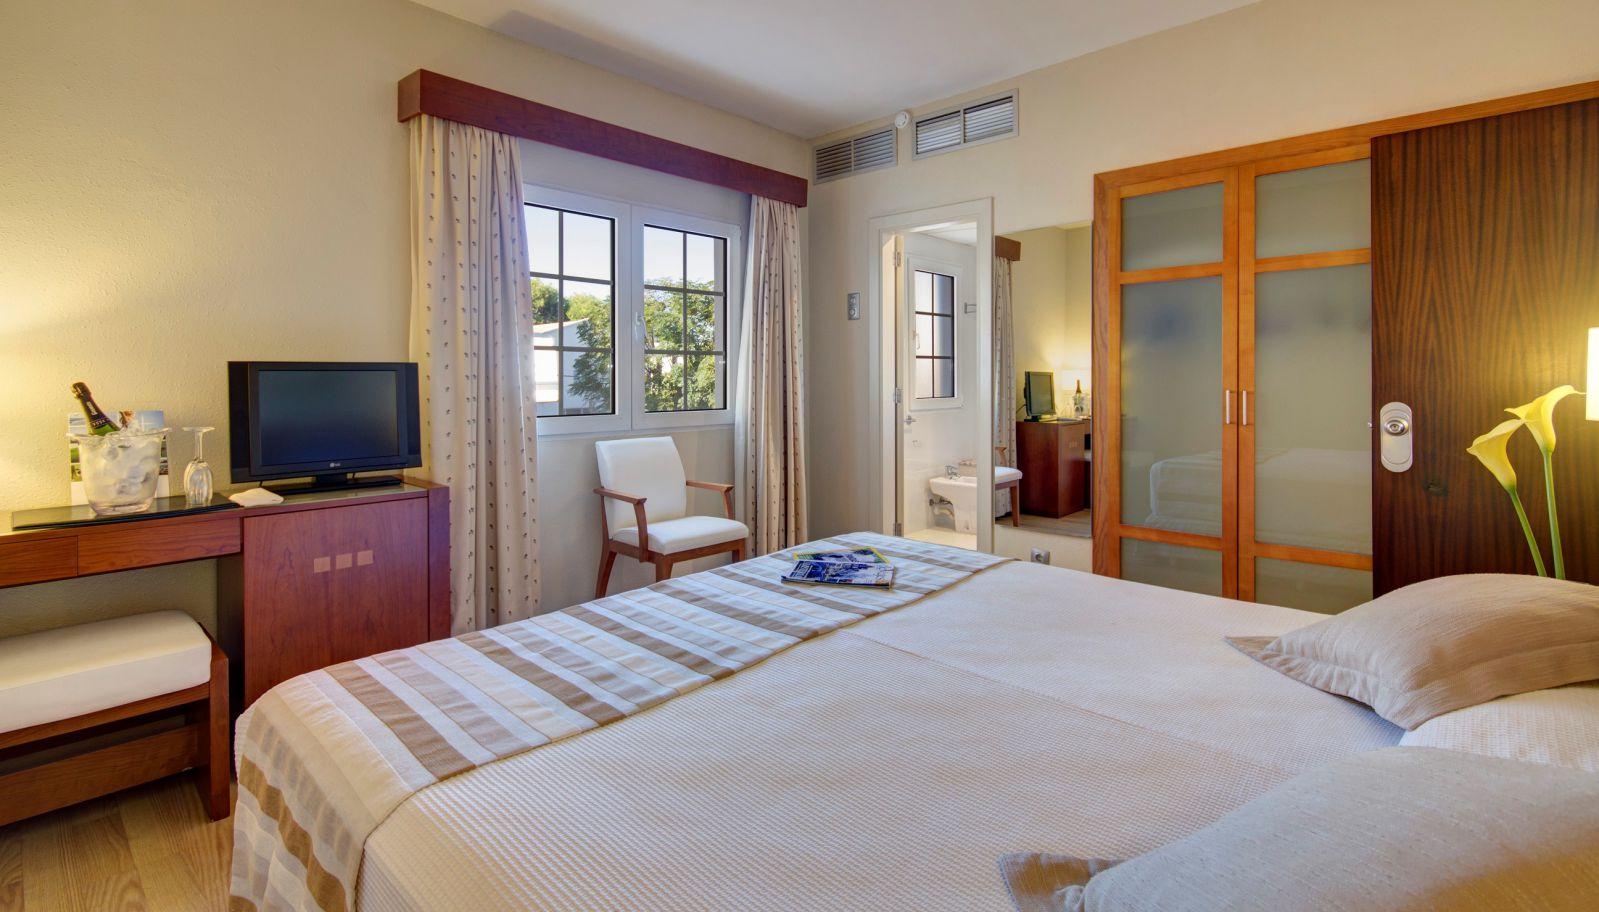 Hotel Menorca Patricia - Hotel en Ciutadella